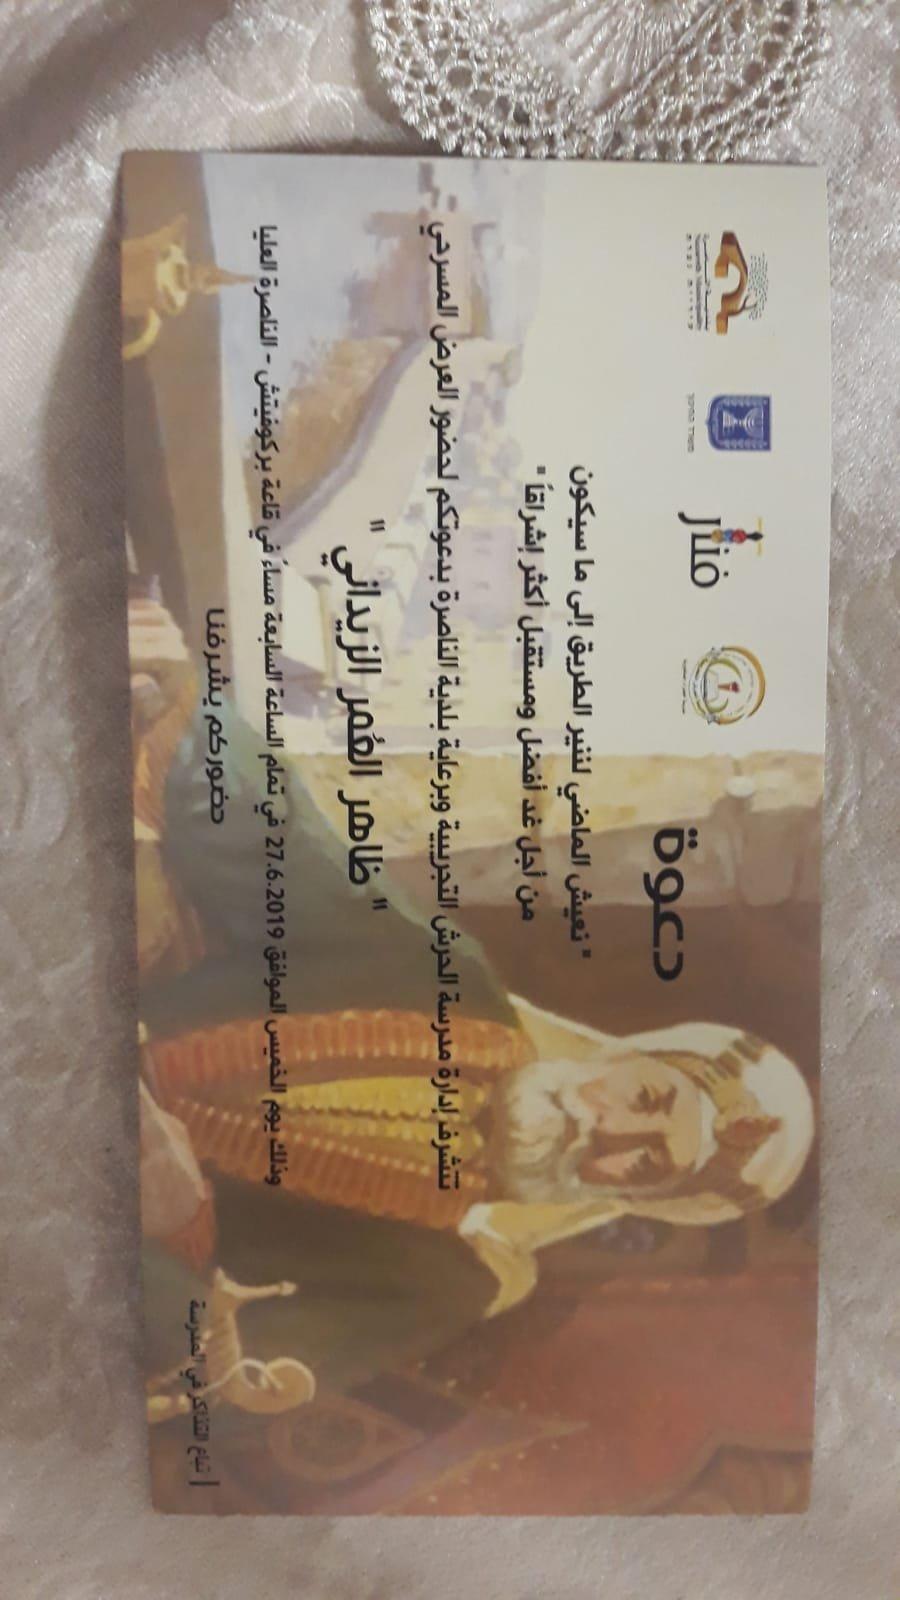 دعوة لحضور عرض ظاهر العمر الزيداني من الفنان الصاعد حسن دخان